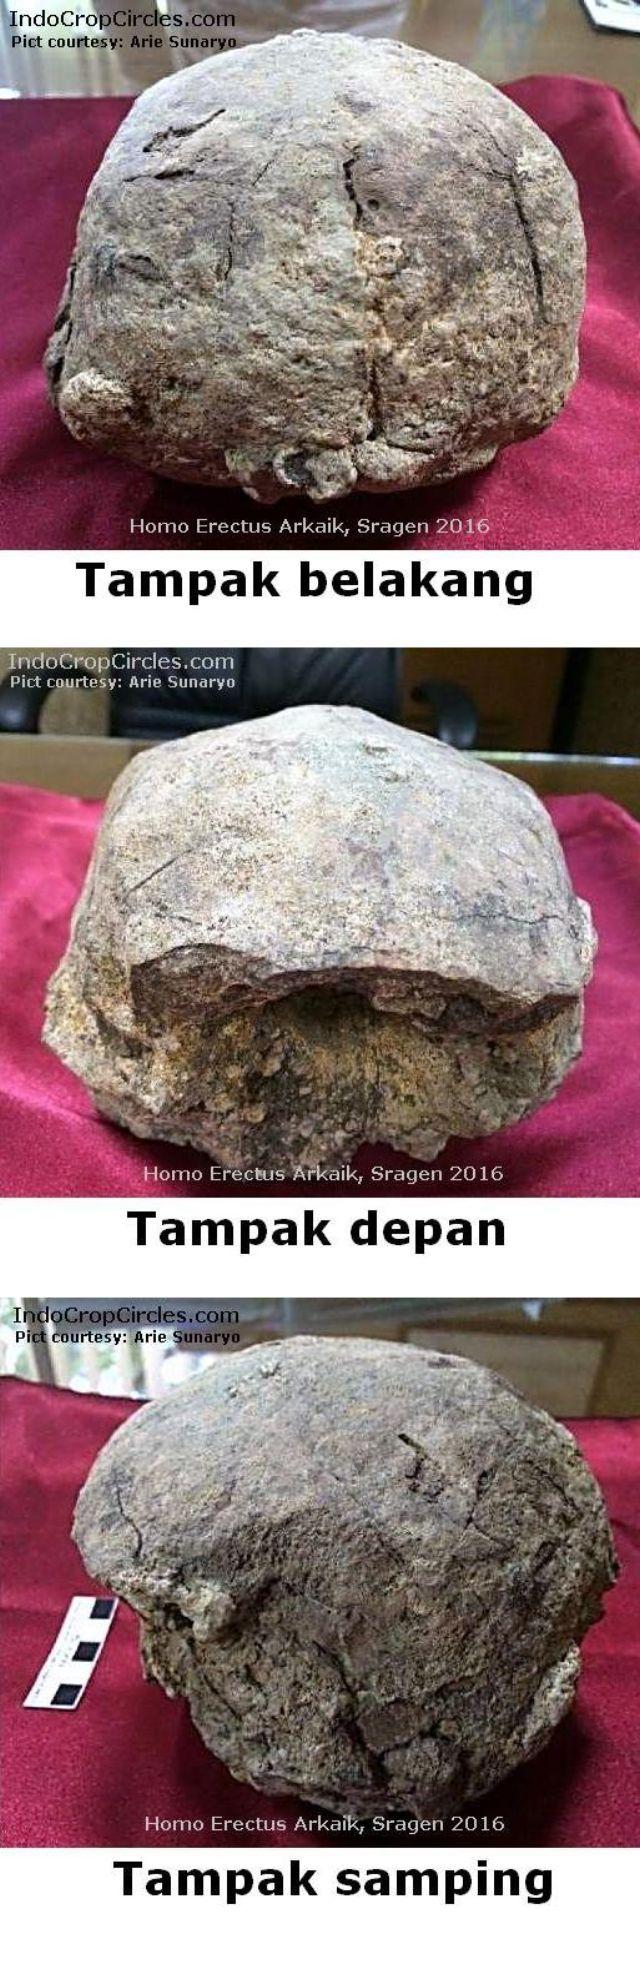 fosil-tengkorak-homo-erectus arkaik-di-sragen Indonesia all